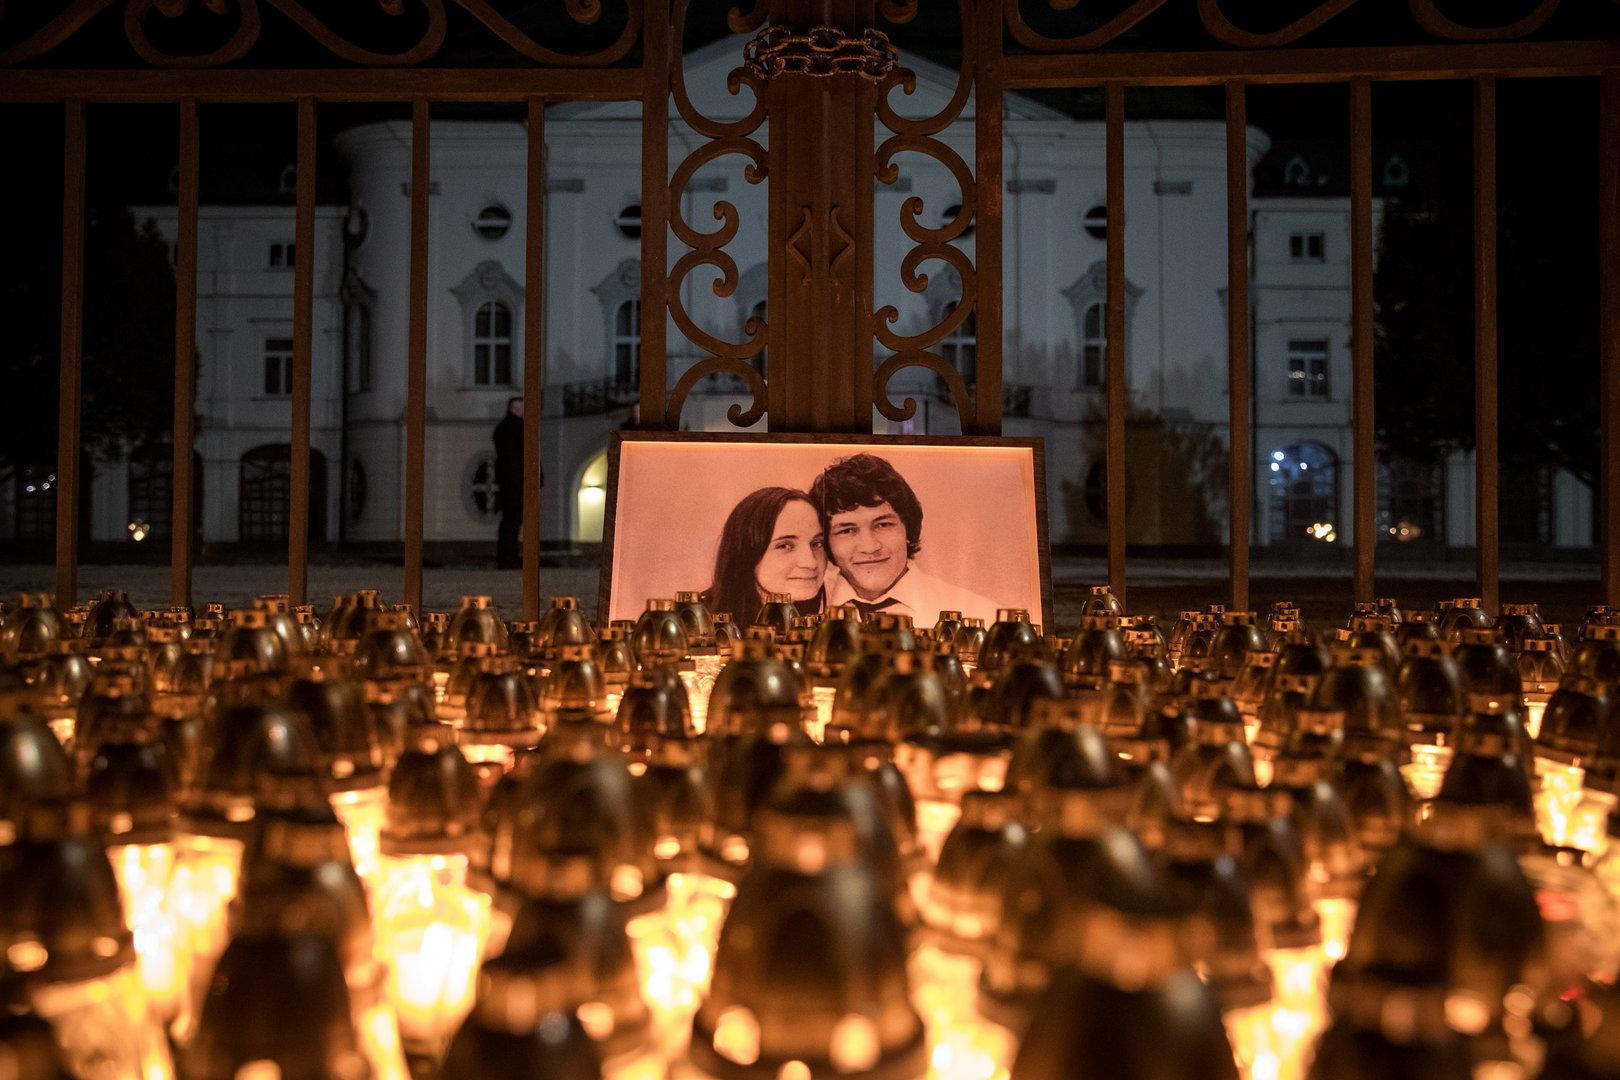 Slowakei: Schütze für Journalistenmord zu 23 Jahren verurteilt